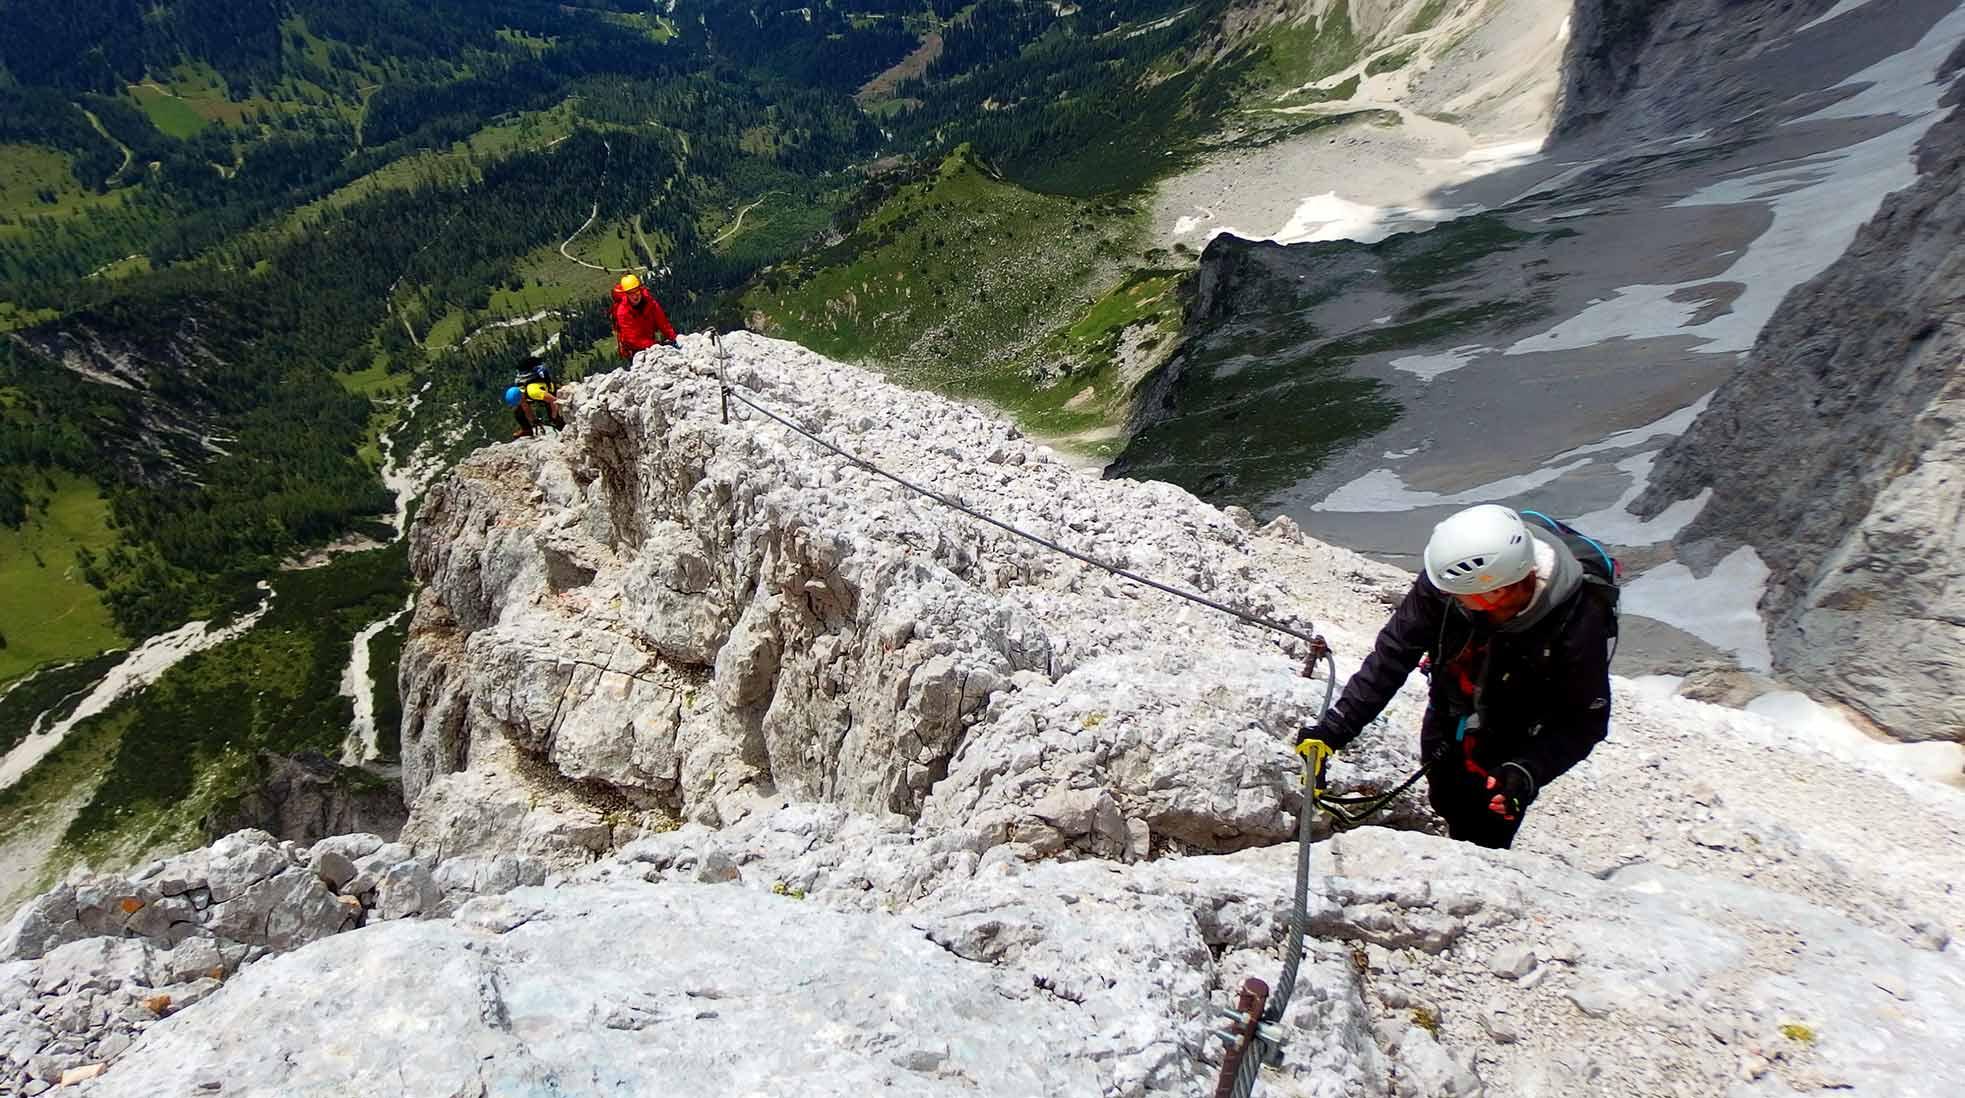 Tre människor klättrar upp för en Via Ferrata på en bergssluttning i alperna